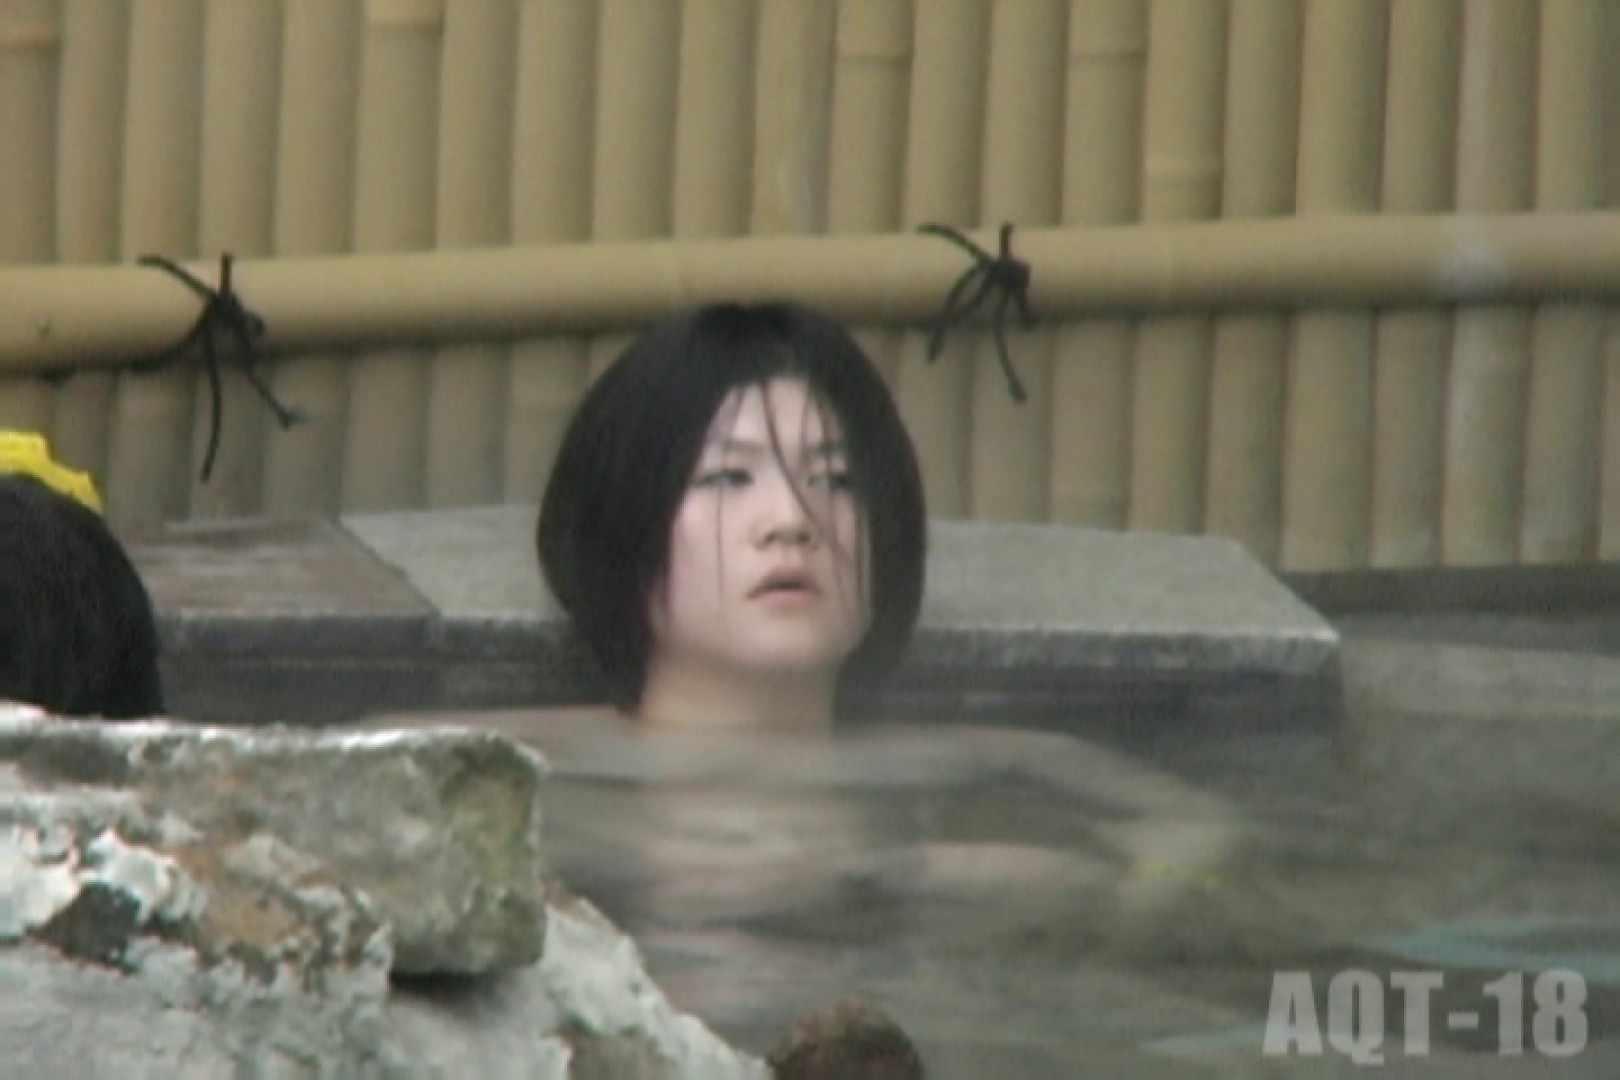 Aquaな露天風呂Vol.859 露天風呂 | 盗撮動画  9枚 3